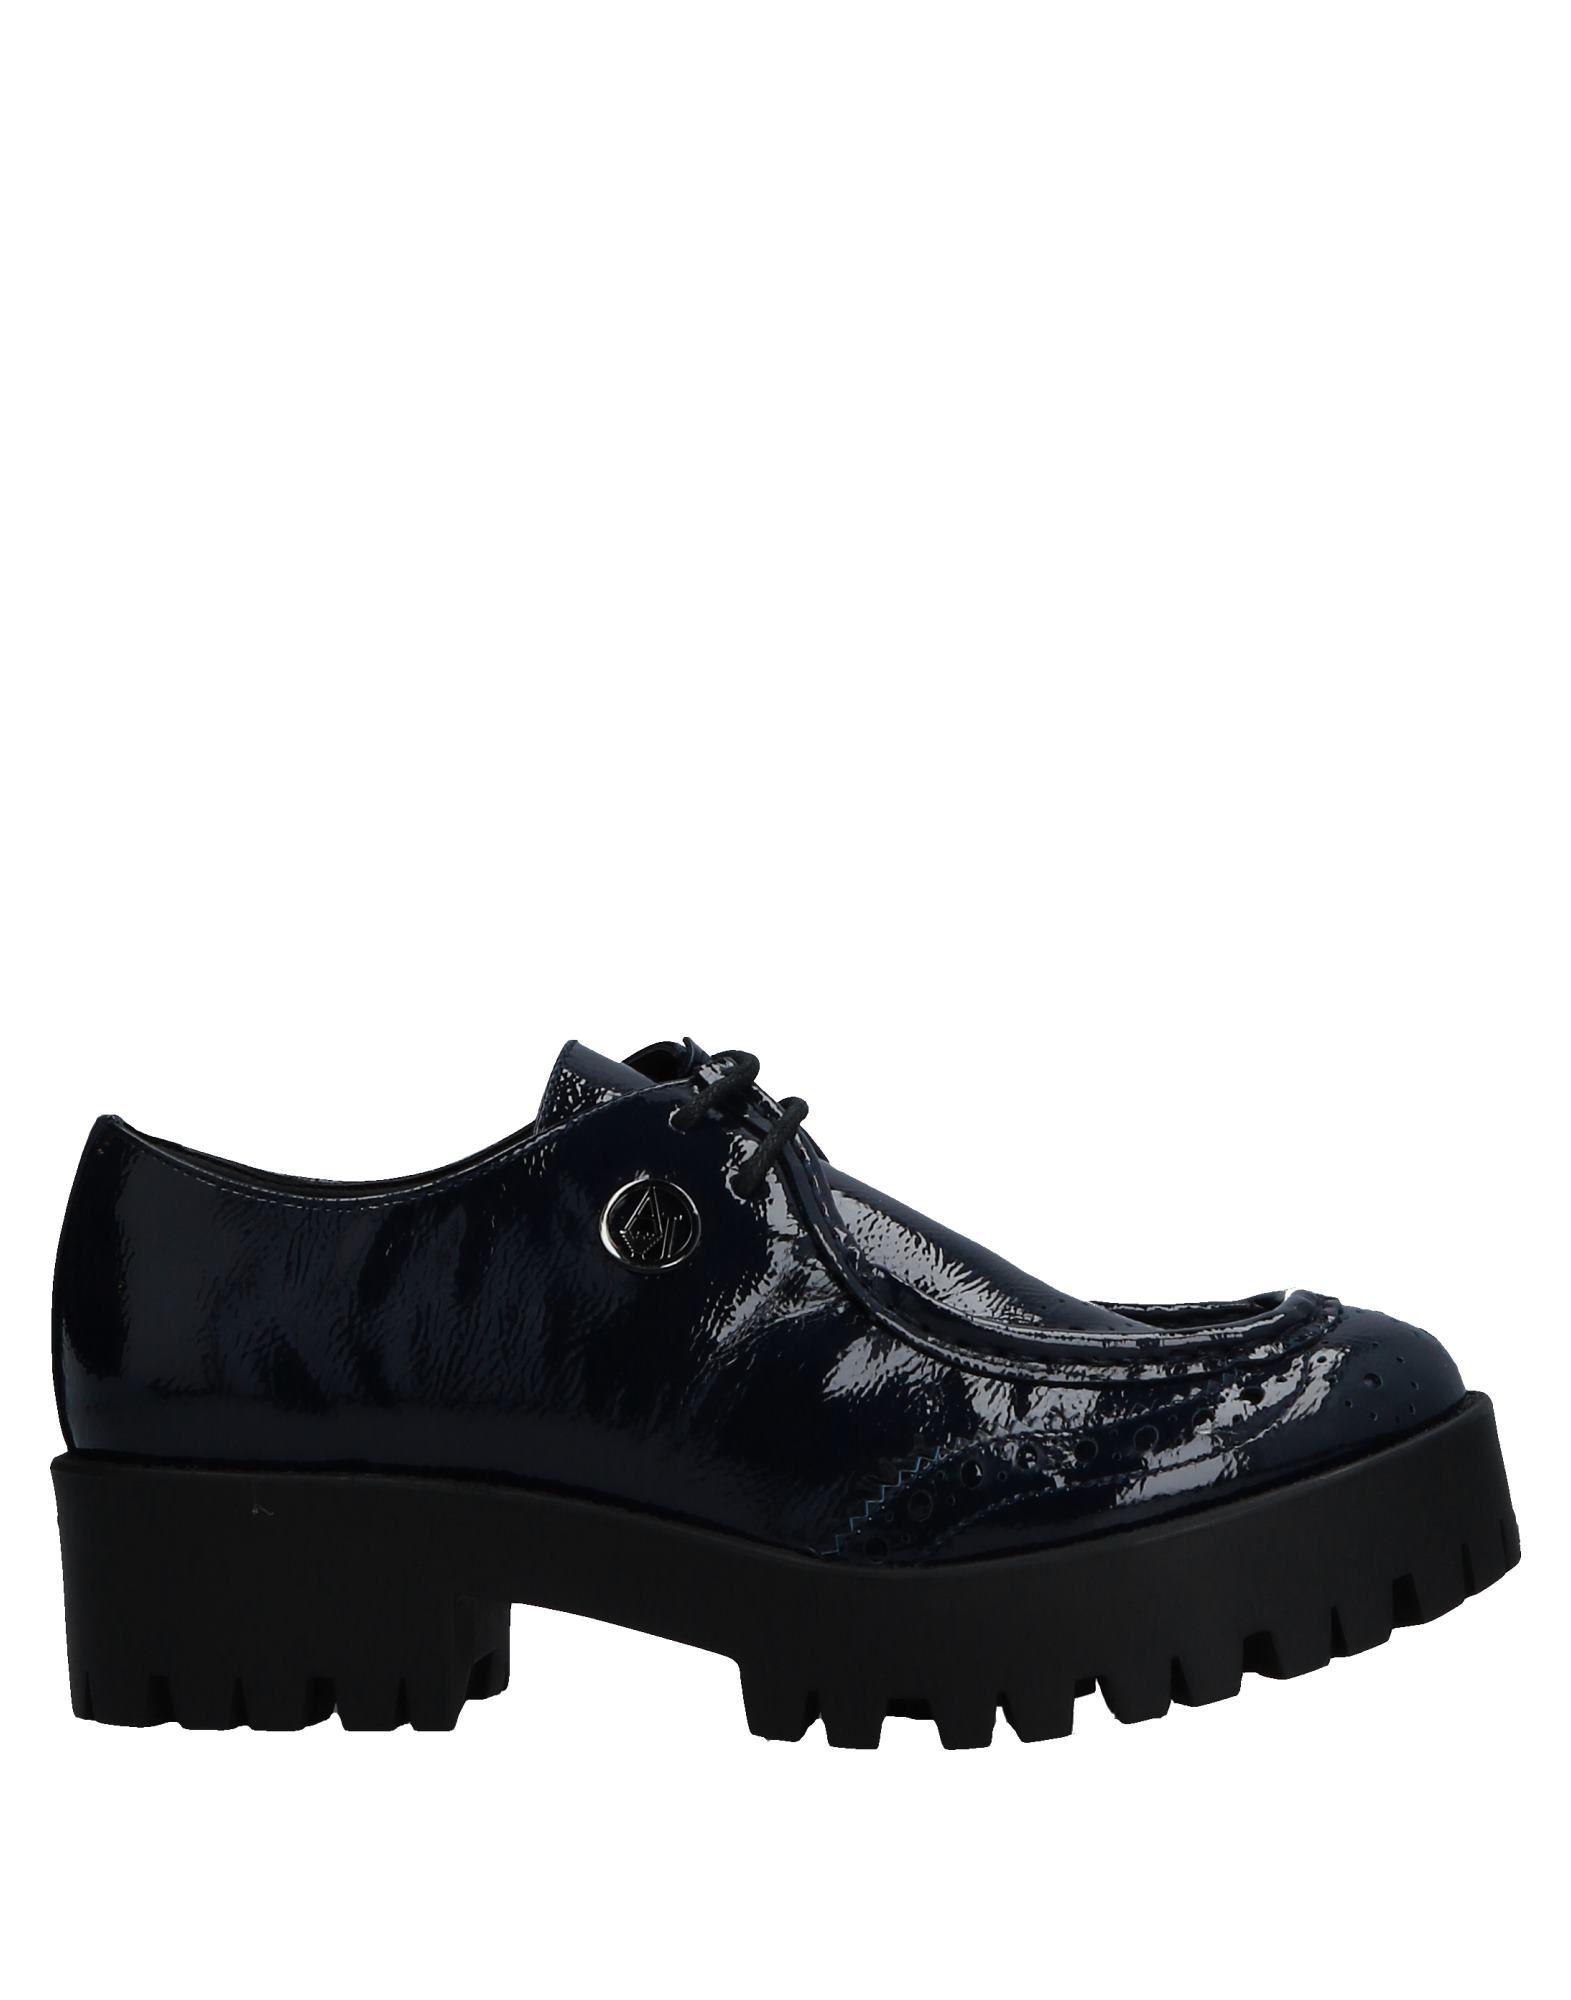 Stringate Armani Jeans Donna - 11450509OQ